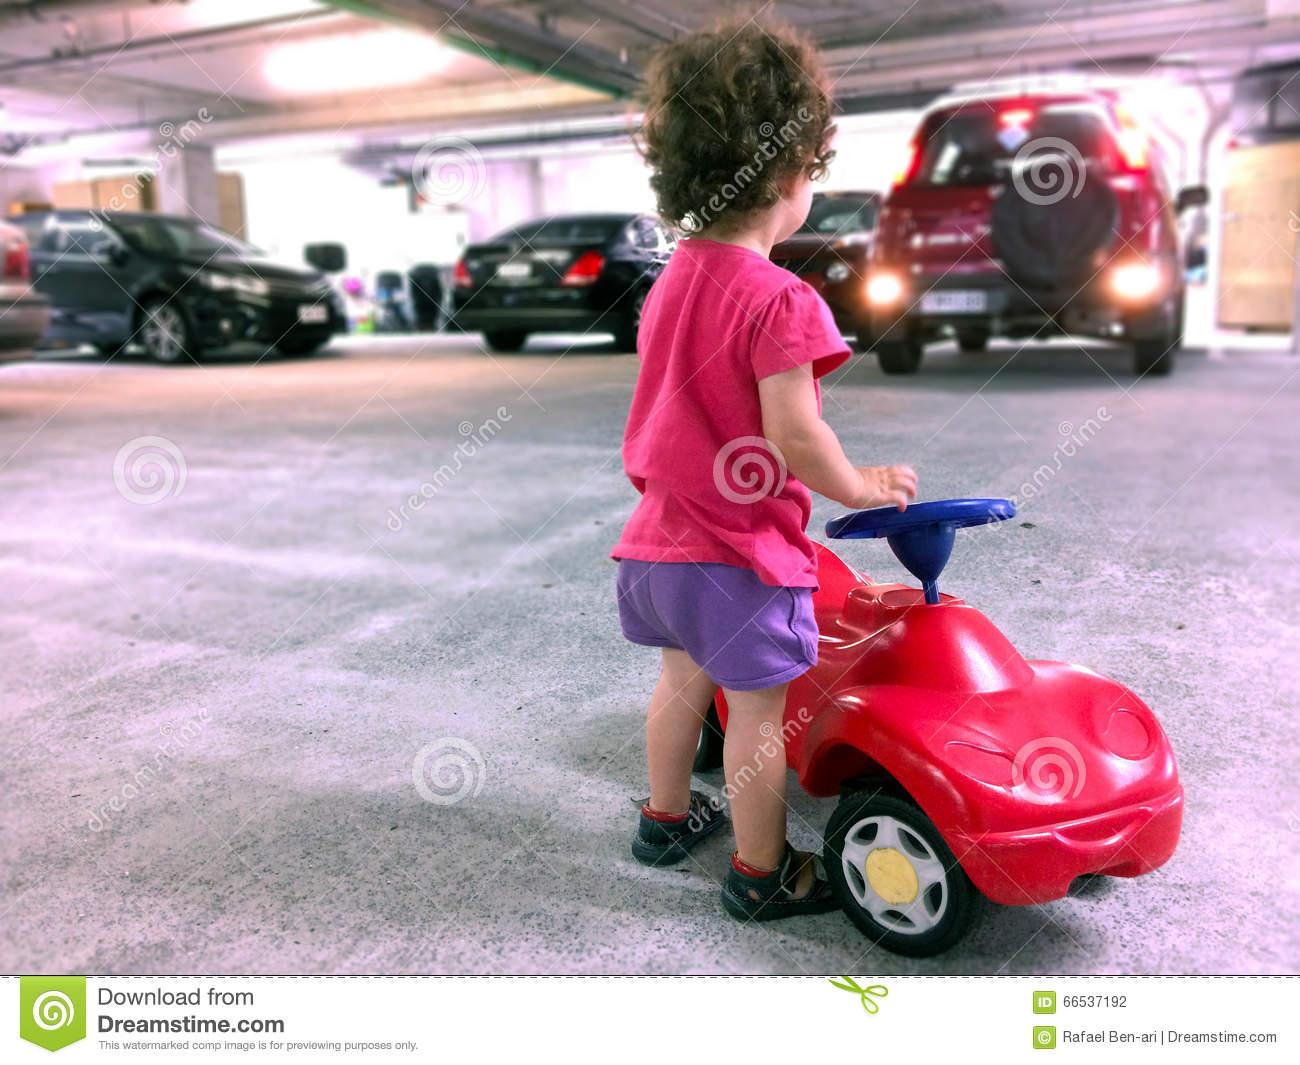 Jeu De Petite Fille Avec Une Voiture De Jouet Dans Le à Jeux De Petite Voiture